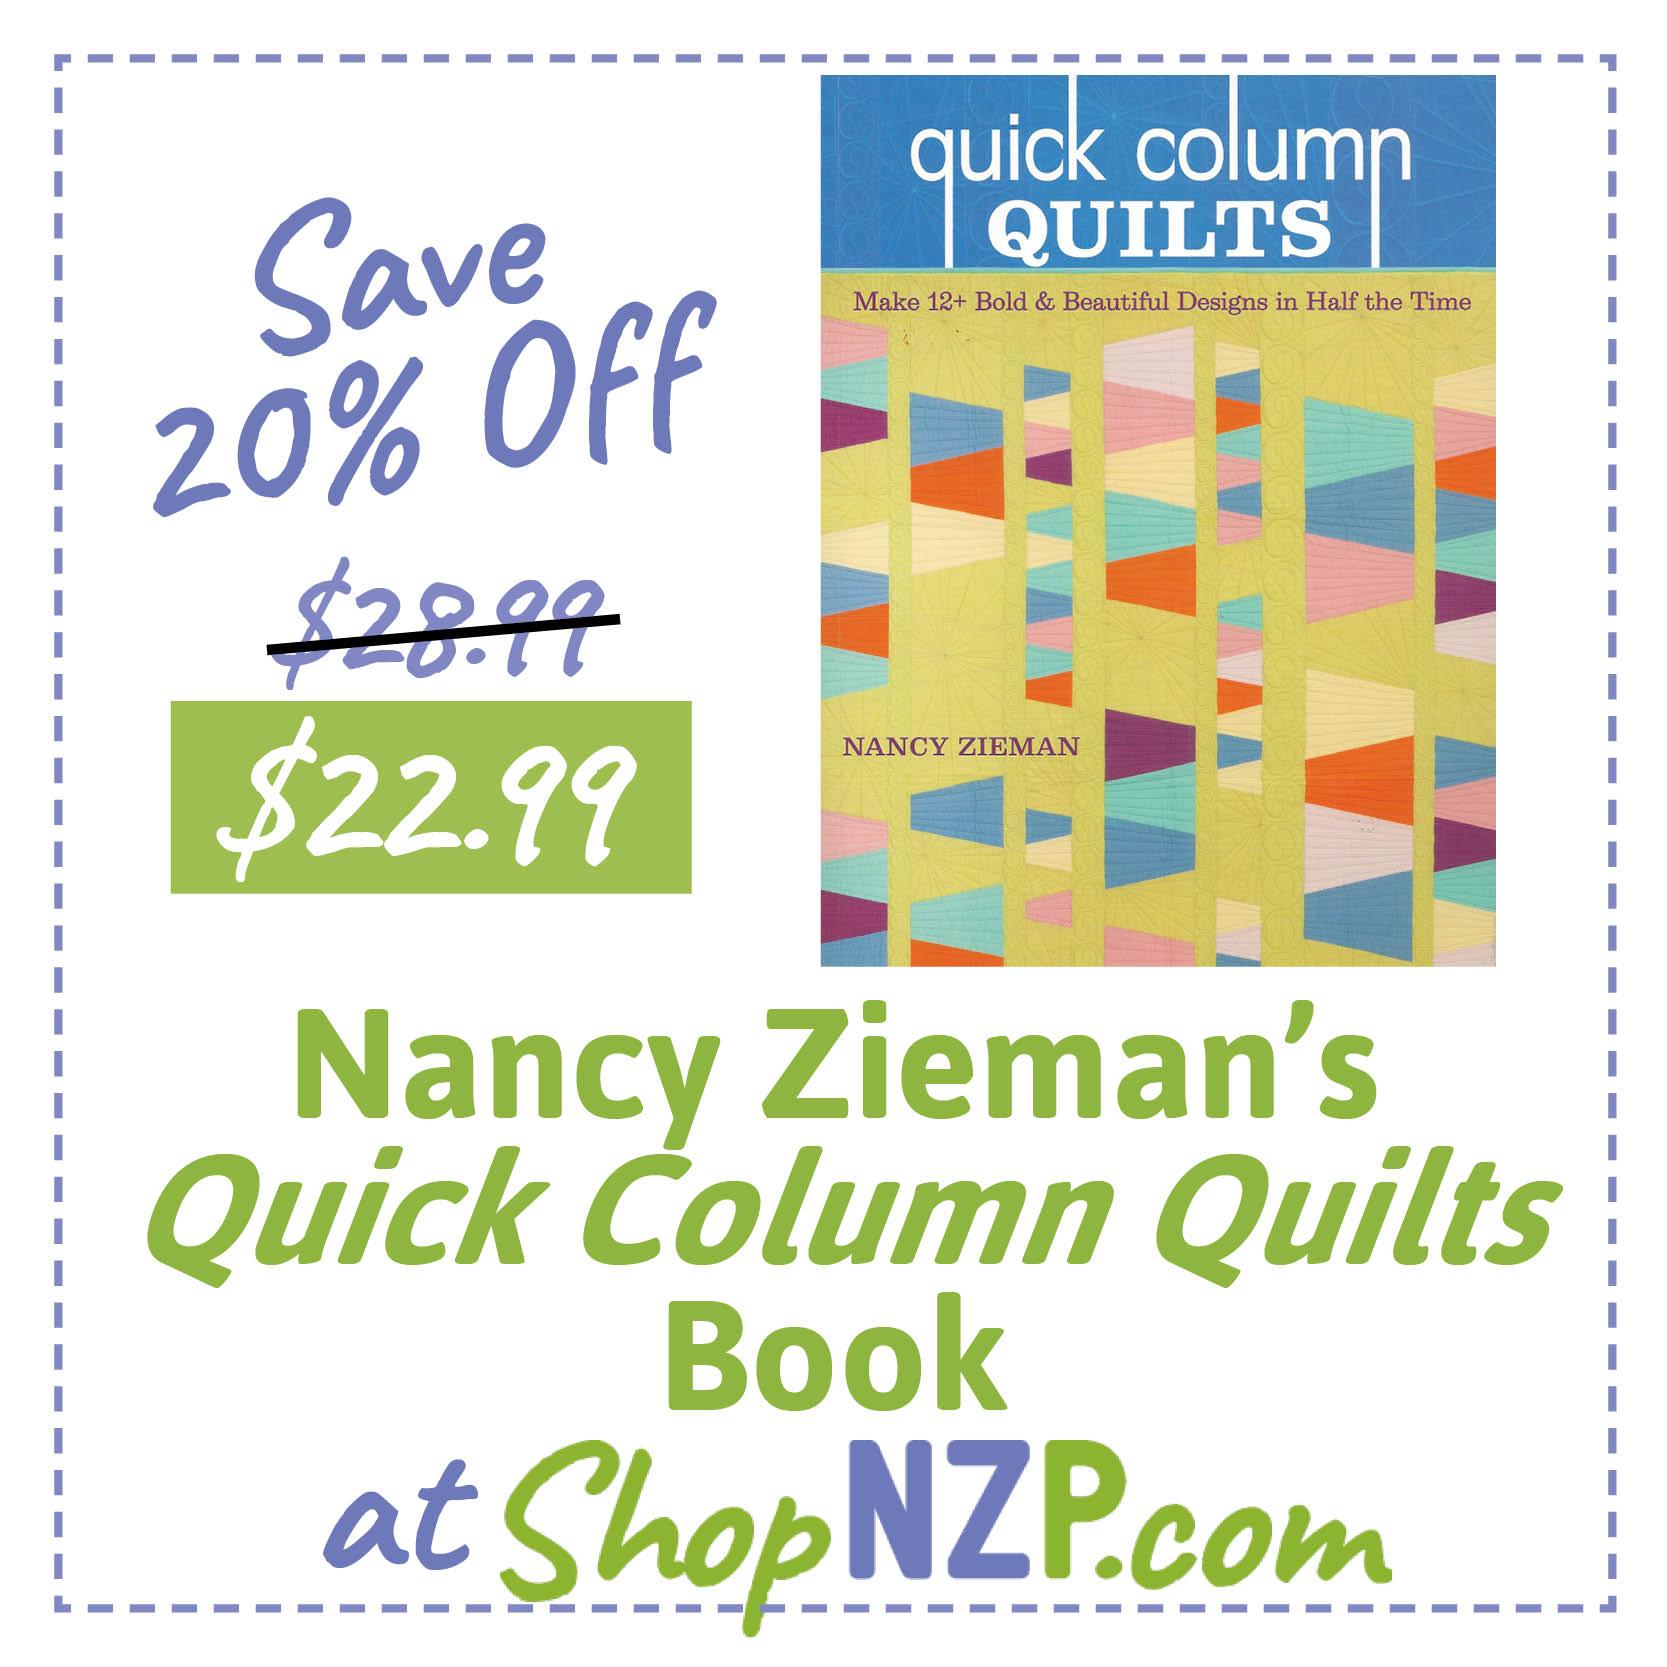 Save 20 Percent Off Nancy Zieman's Quick Column Quilts Book at ShopNZP.com